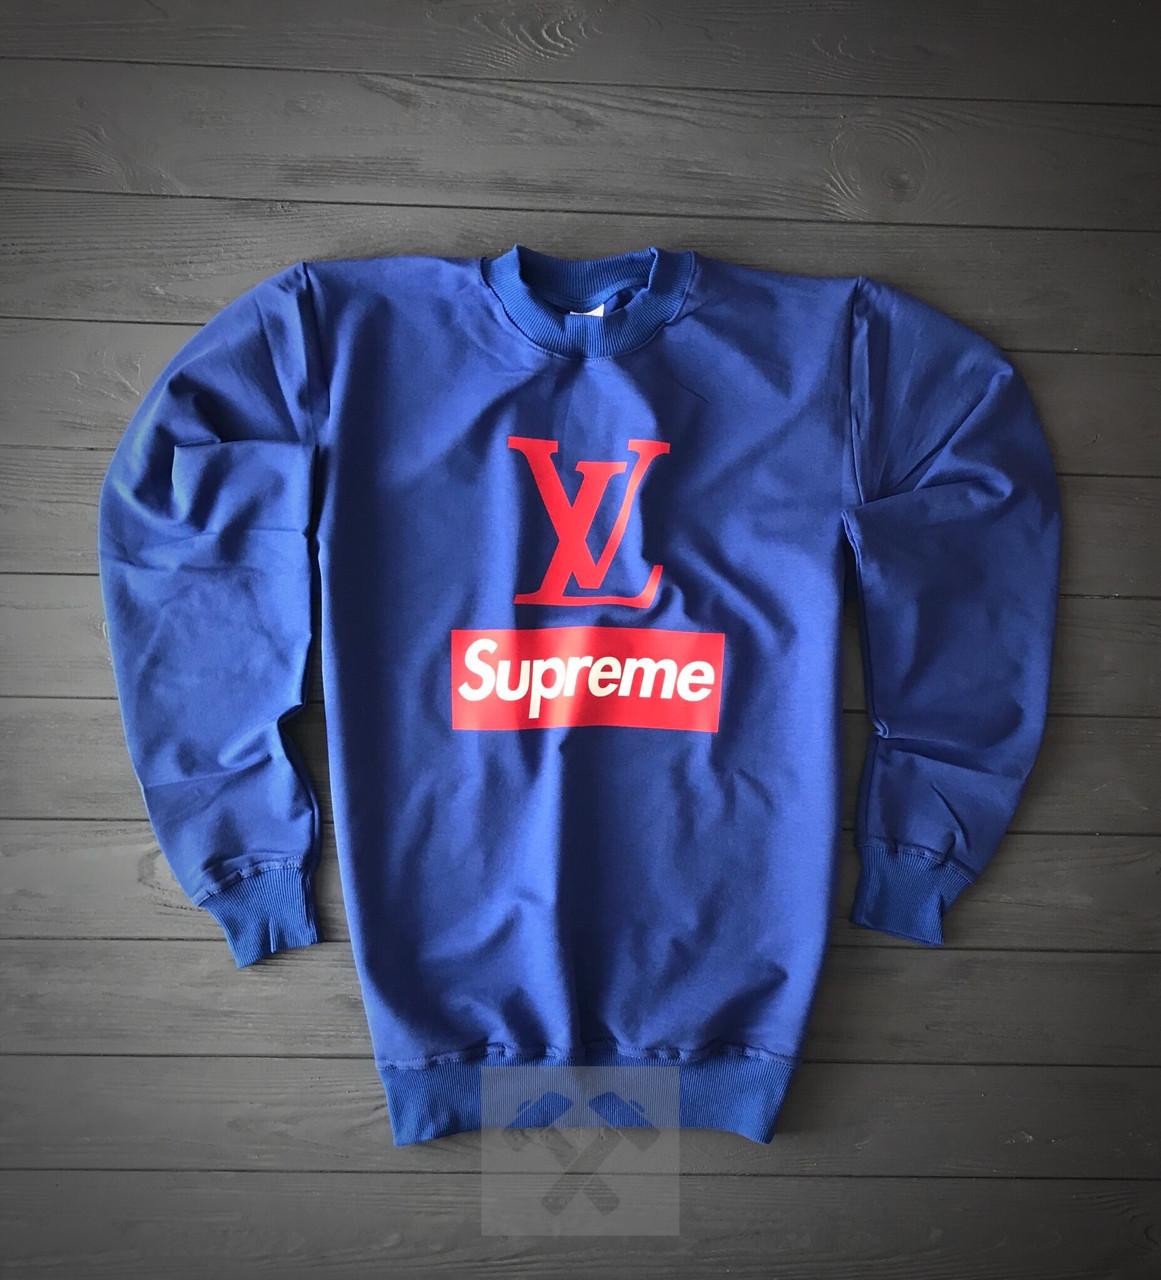 Свитшот синего цвета Supreme by Louis Vuitton топ-реплика